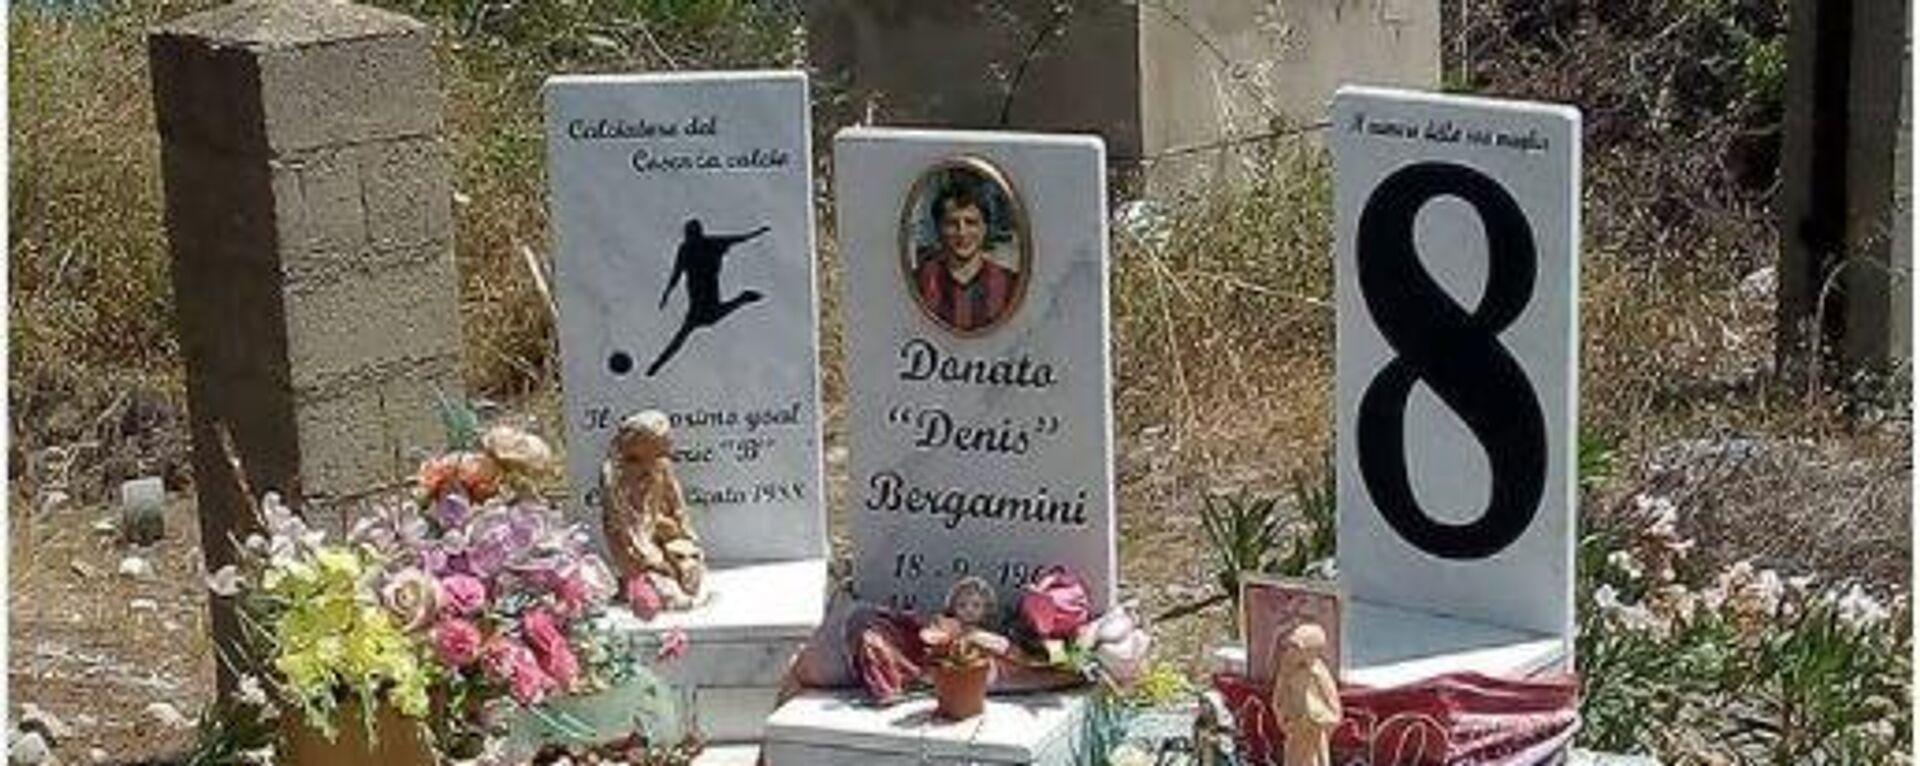 Ο τάφος του Ντονάτο Ντένις Μπεργκαμίνι - Sputnik Ελλάδα, 1920, 21.09.2021